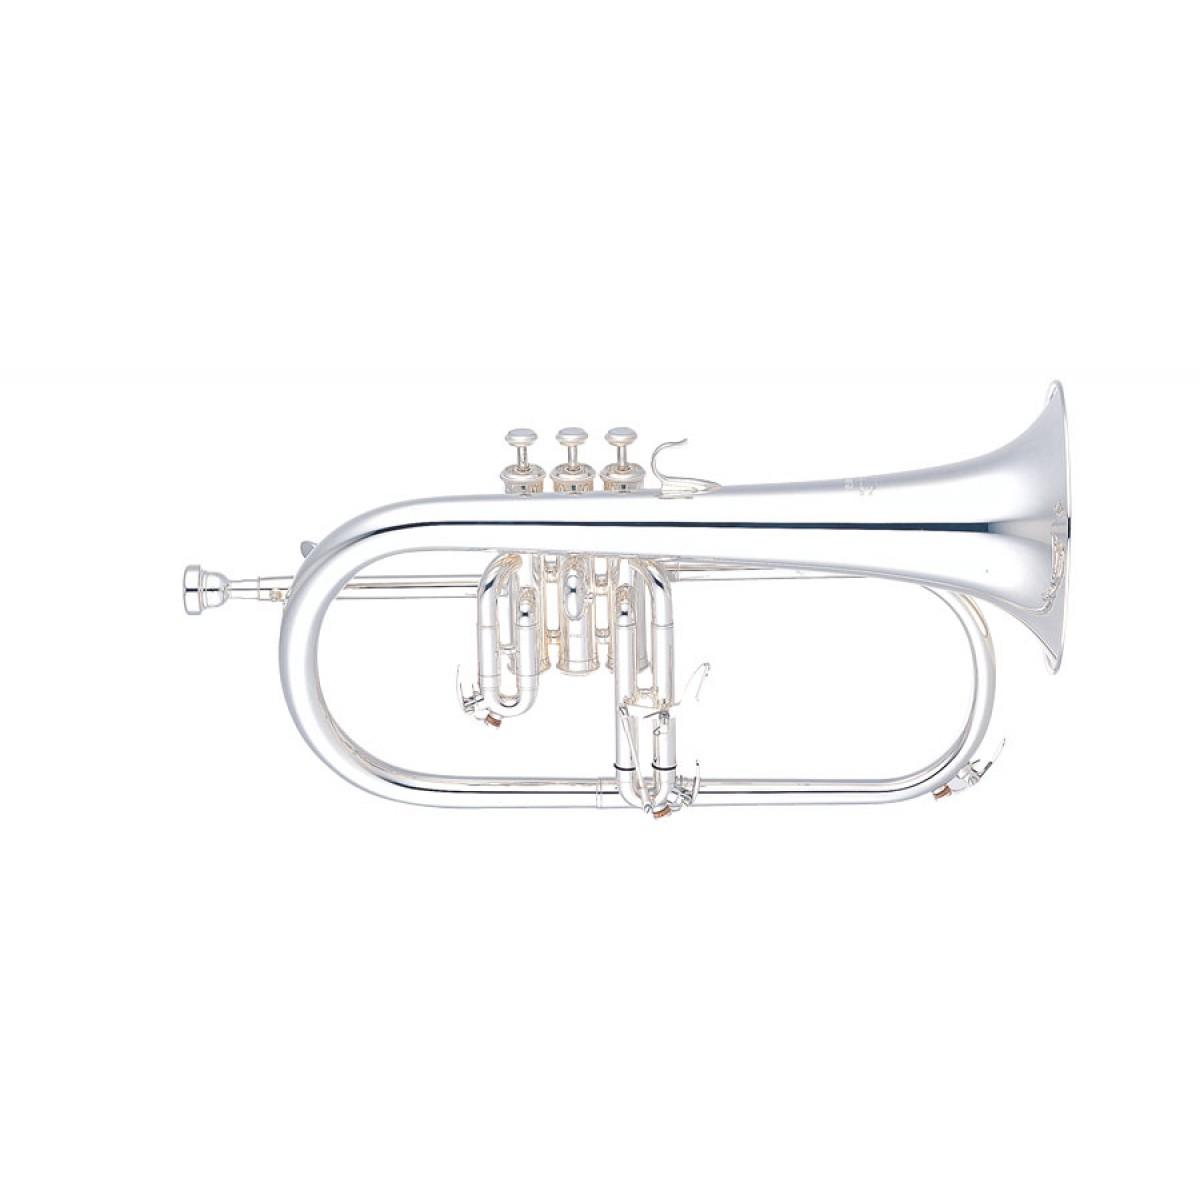 Gs Flicorno Sib Soprano Yamaha Argentato Yfh631 In wxqCBP